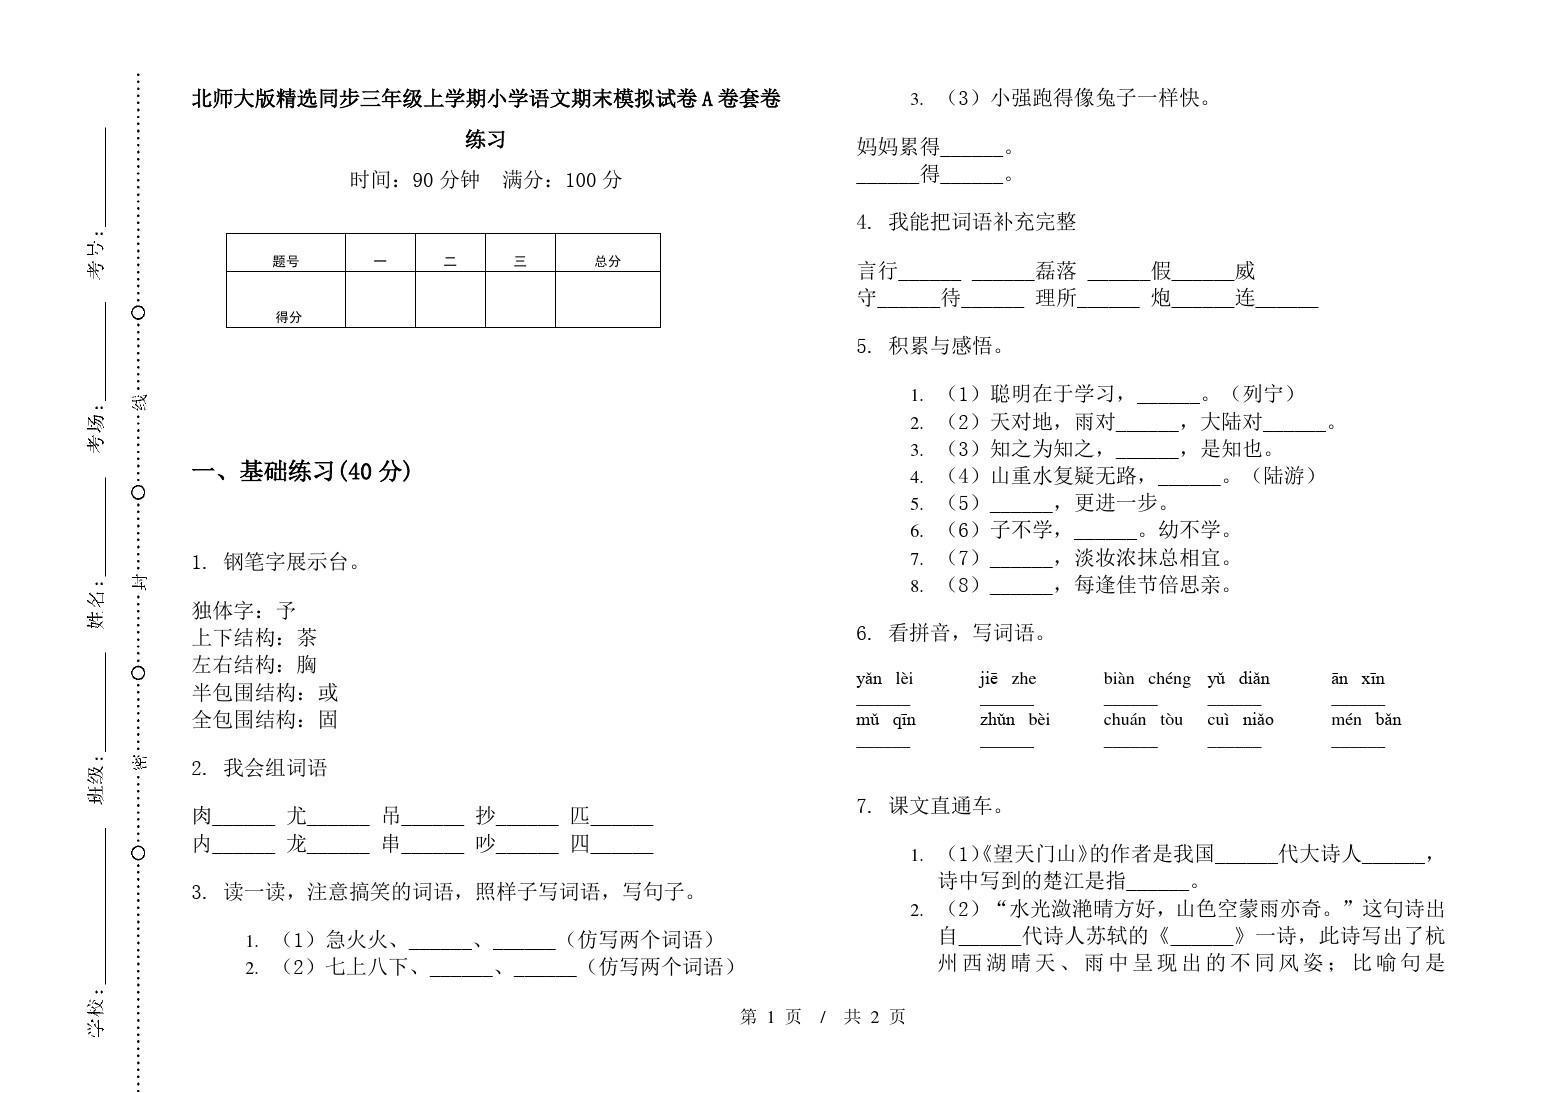 北师大版精选同步三年级上学期小学语文期末模拟试卷A卷套卷练习